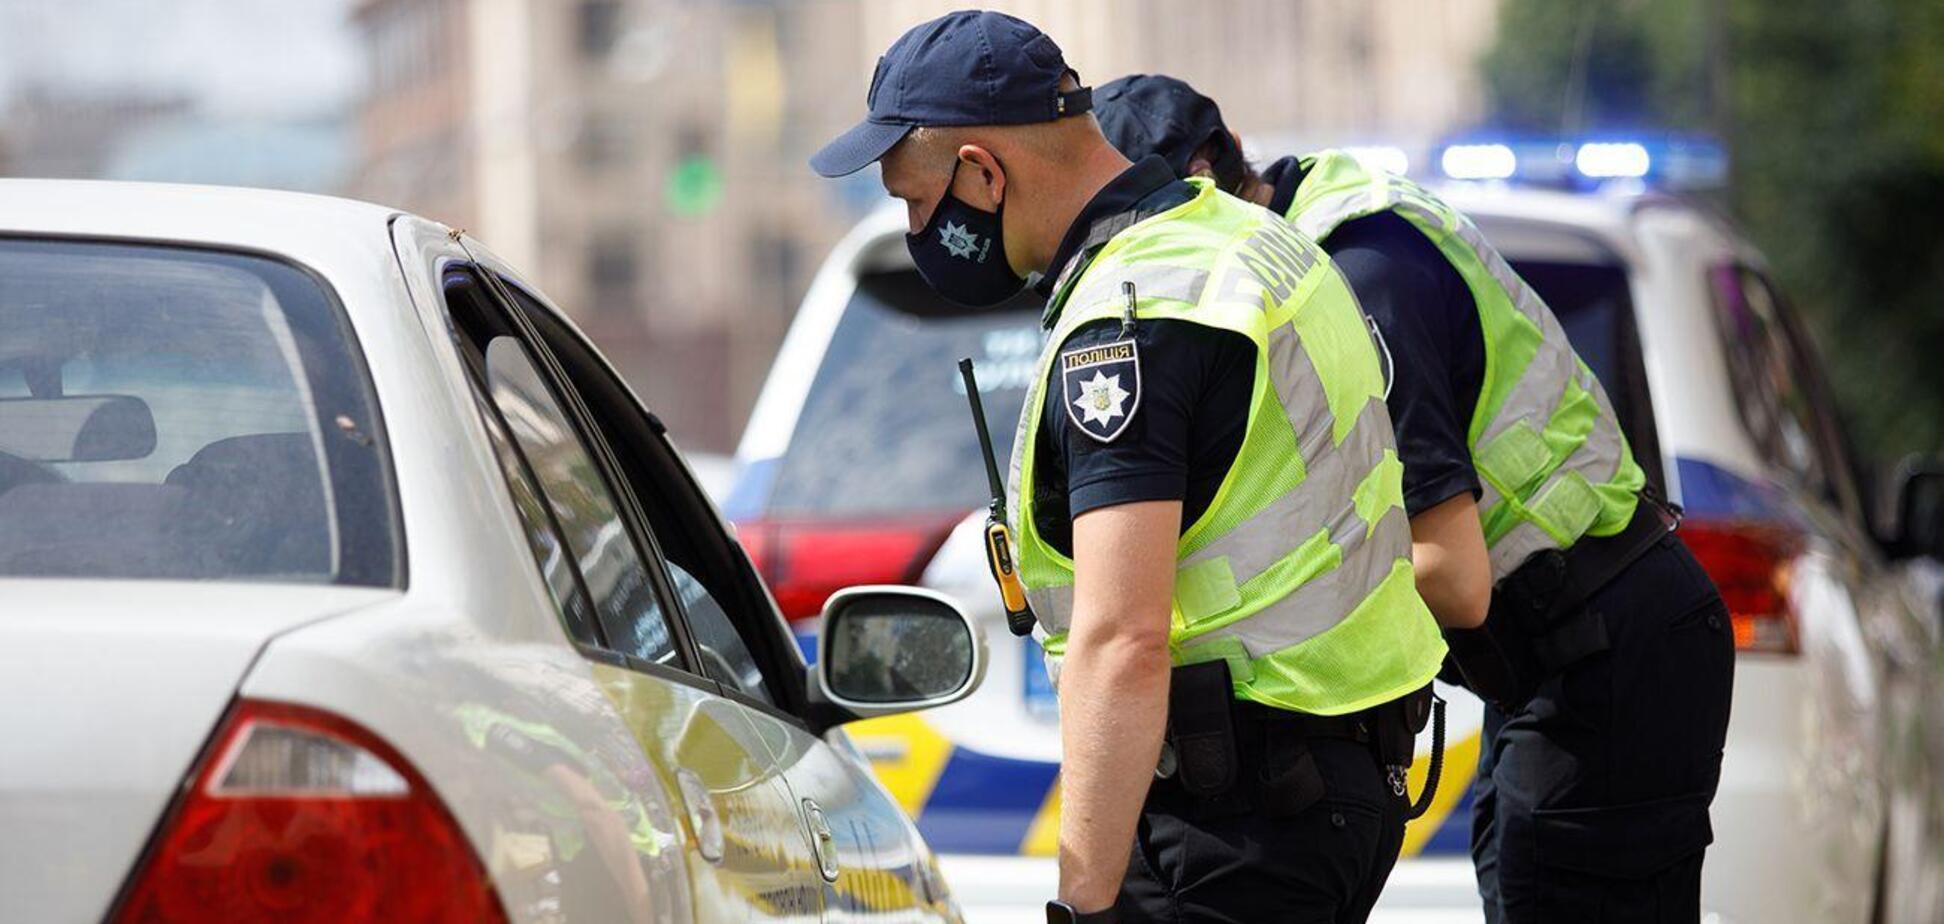 Под Харьковом полицейский предлагал понюхать свои носки и назывался инопланетянином. Видео